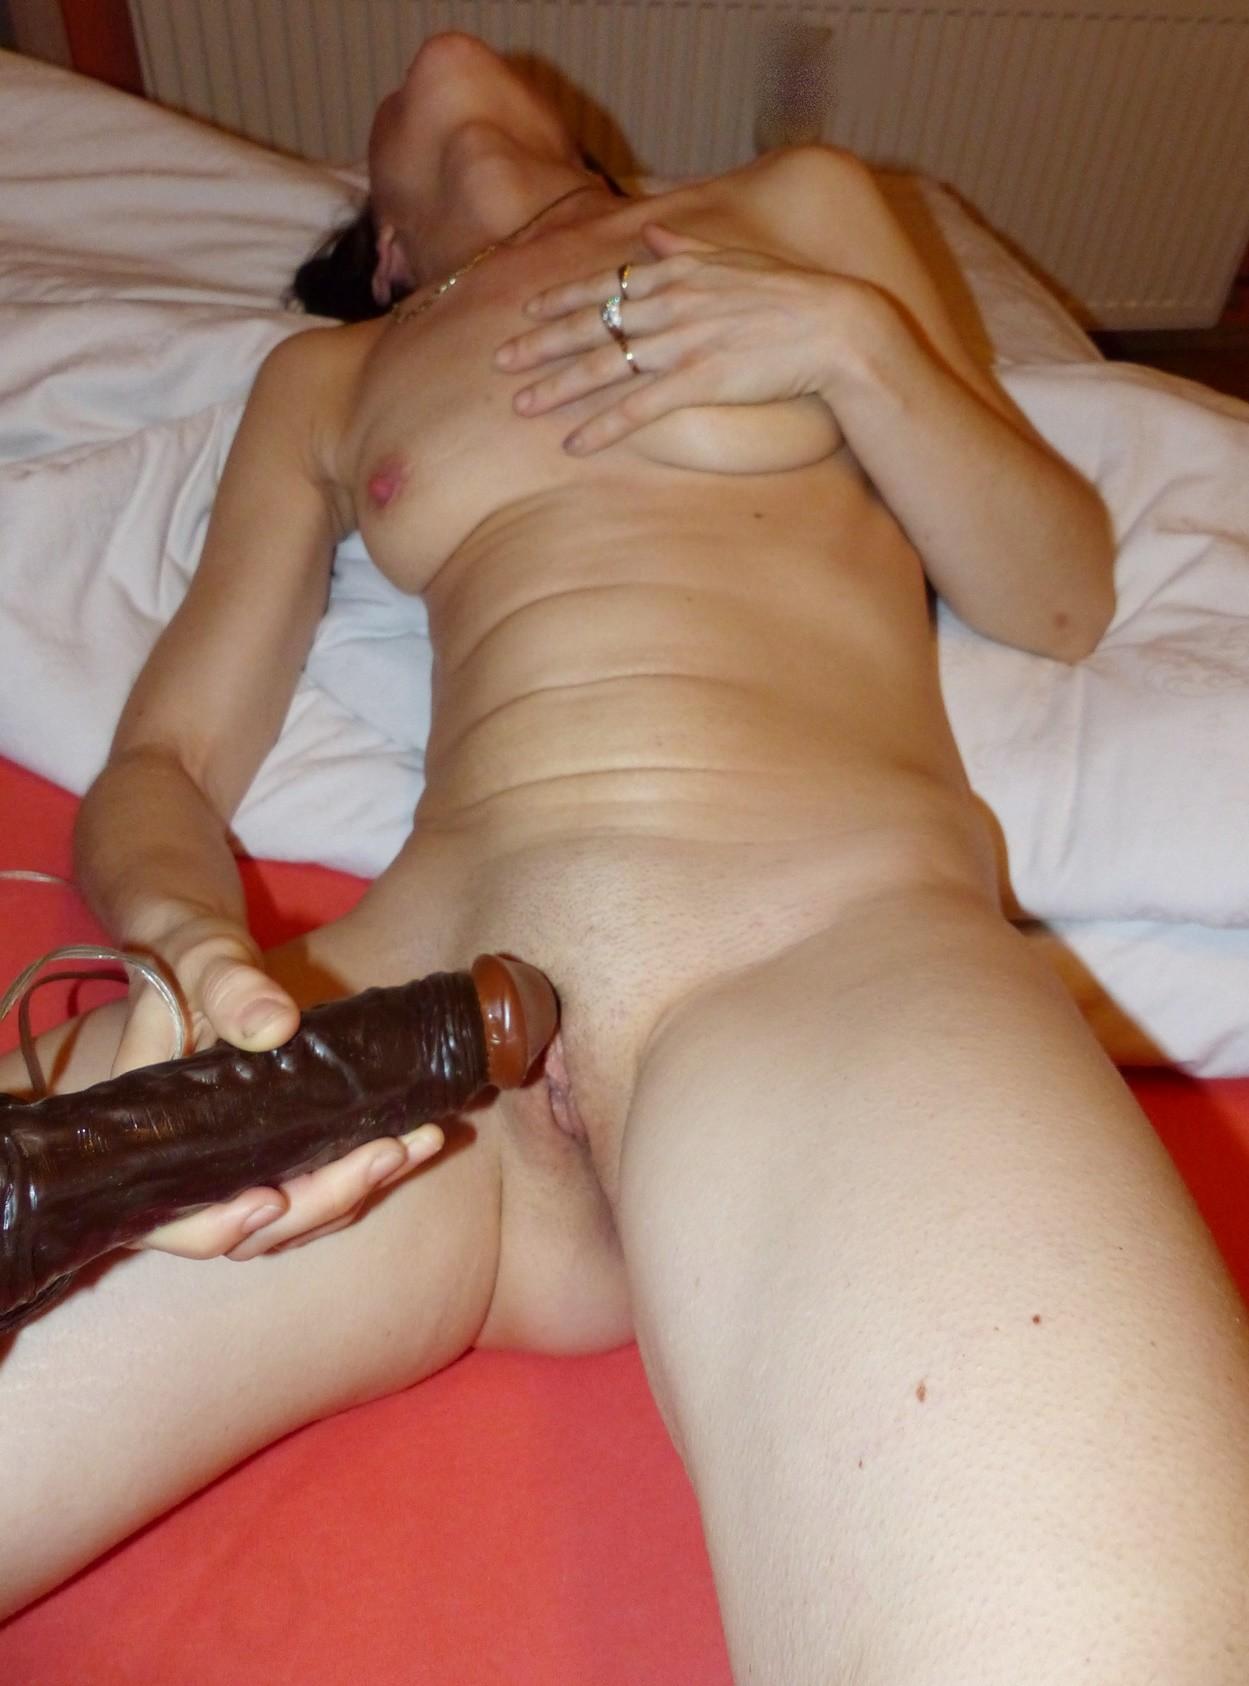 Сожительница доводит себя до оргазма черным фальшивым пенисом